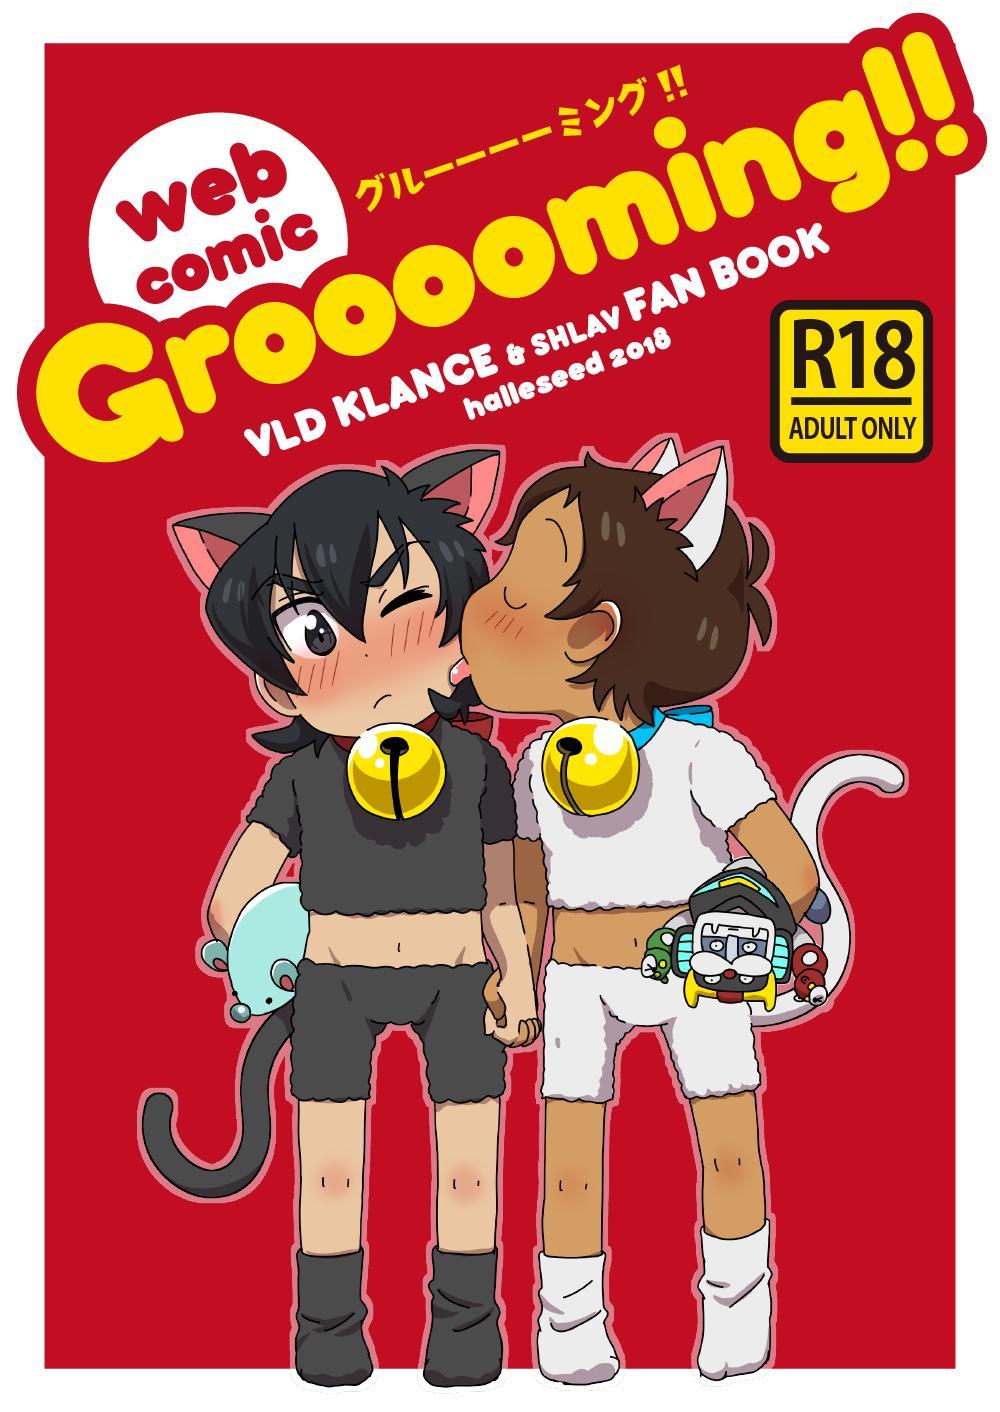 Grooooming! 0